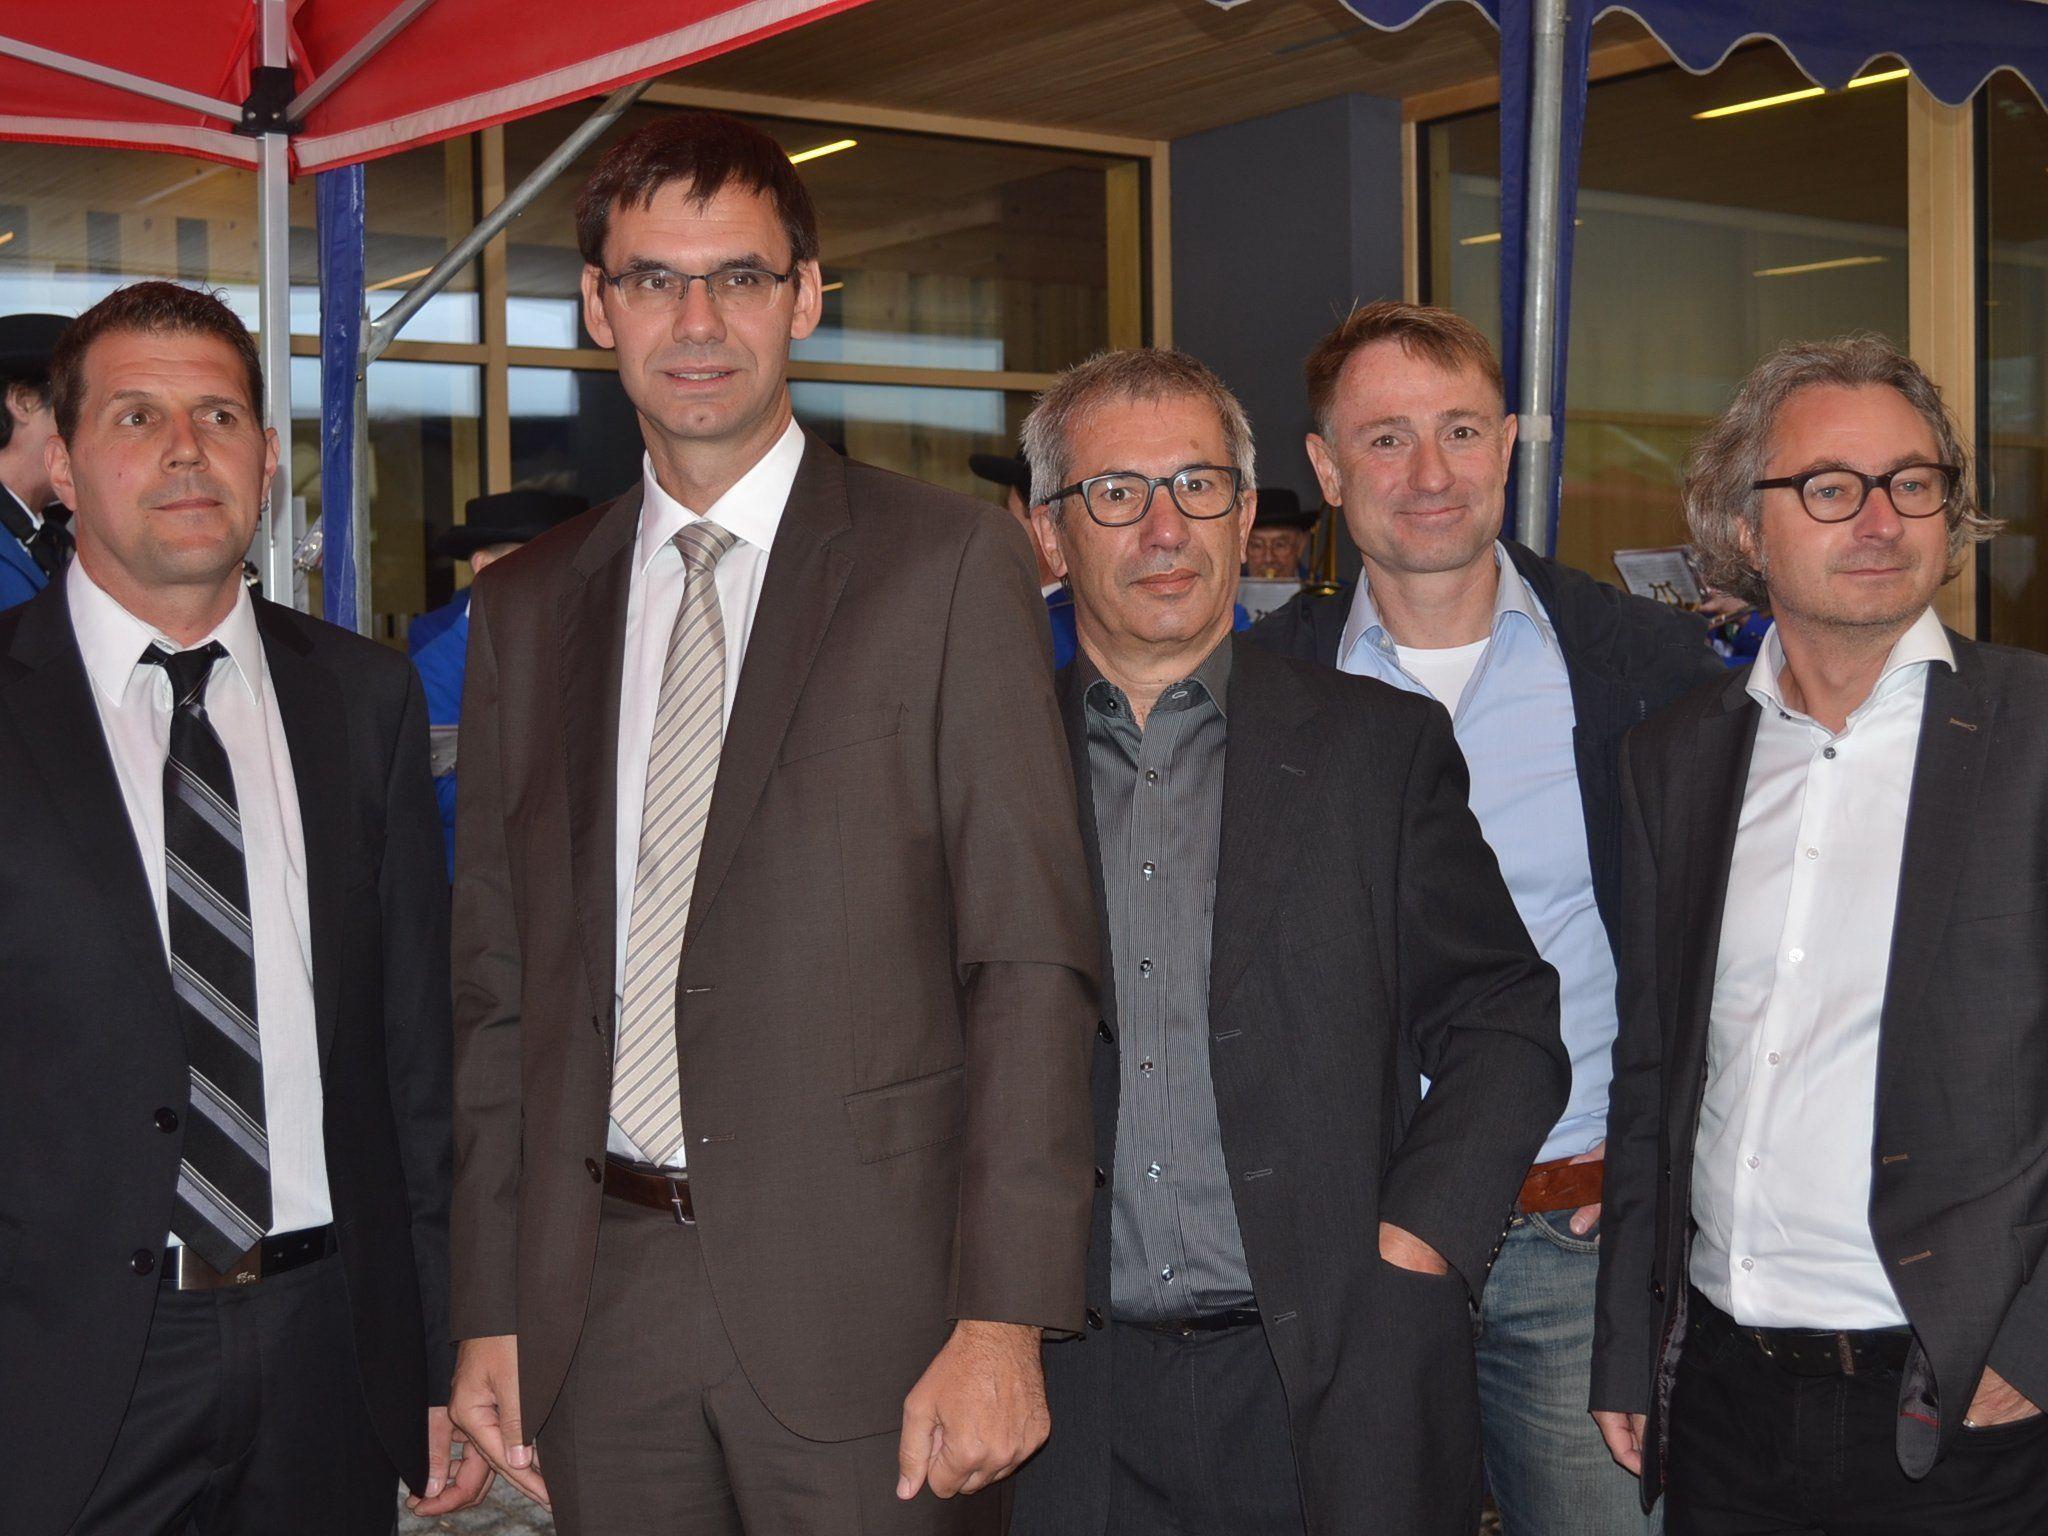 Bgm. Michael Domig, LH Markus Wallner sowie die Architekten Bruno Spagolla, Christian Zottele und Markus Malin.